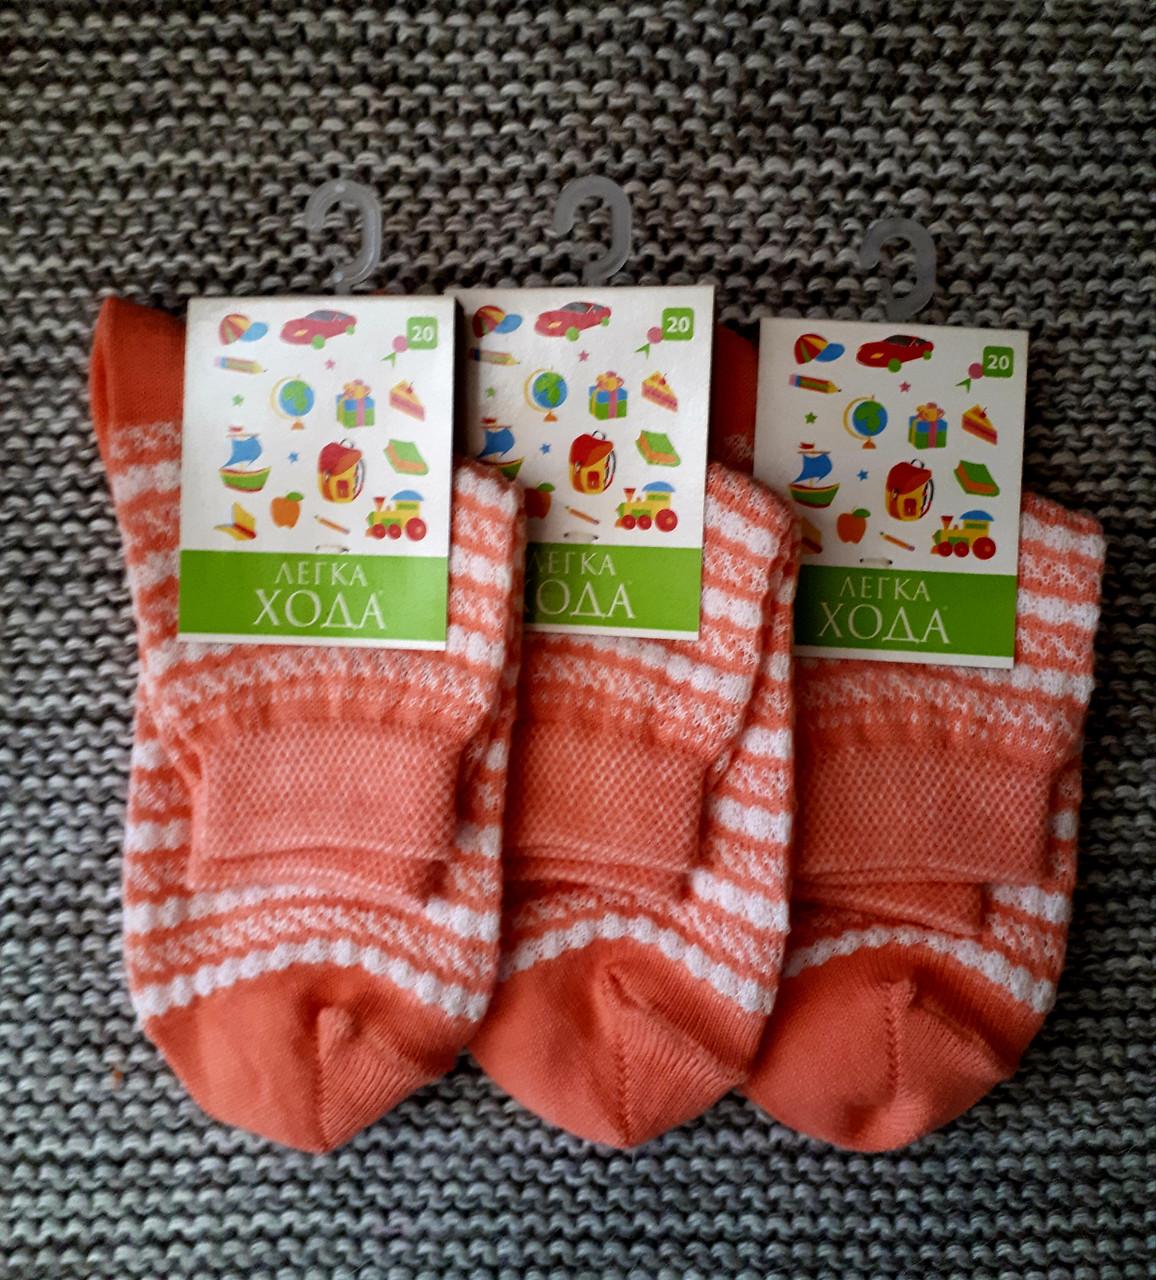 Носочки детские оранжевого цвета в дырочку ТМ Легка хода  (Украина)  размер 20 7/8 лет